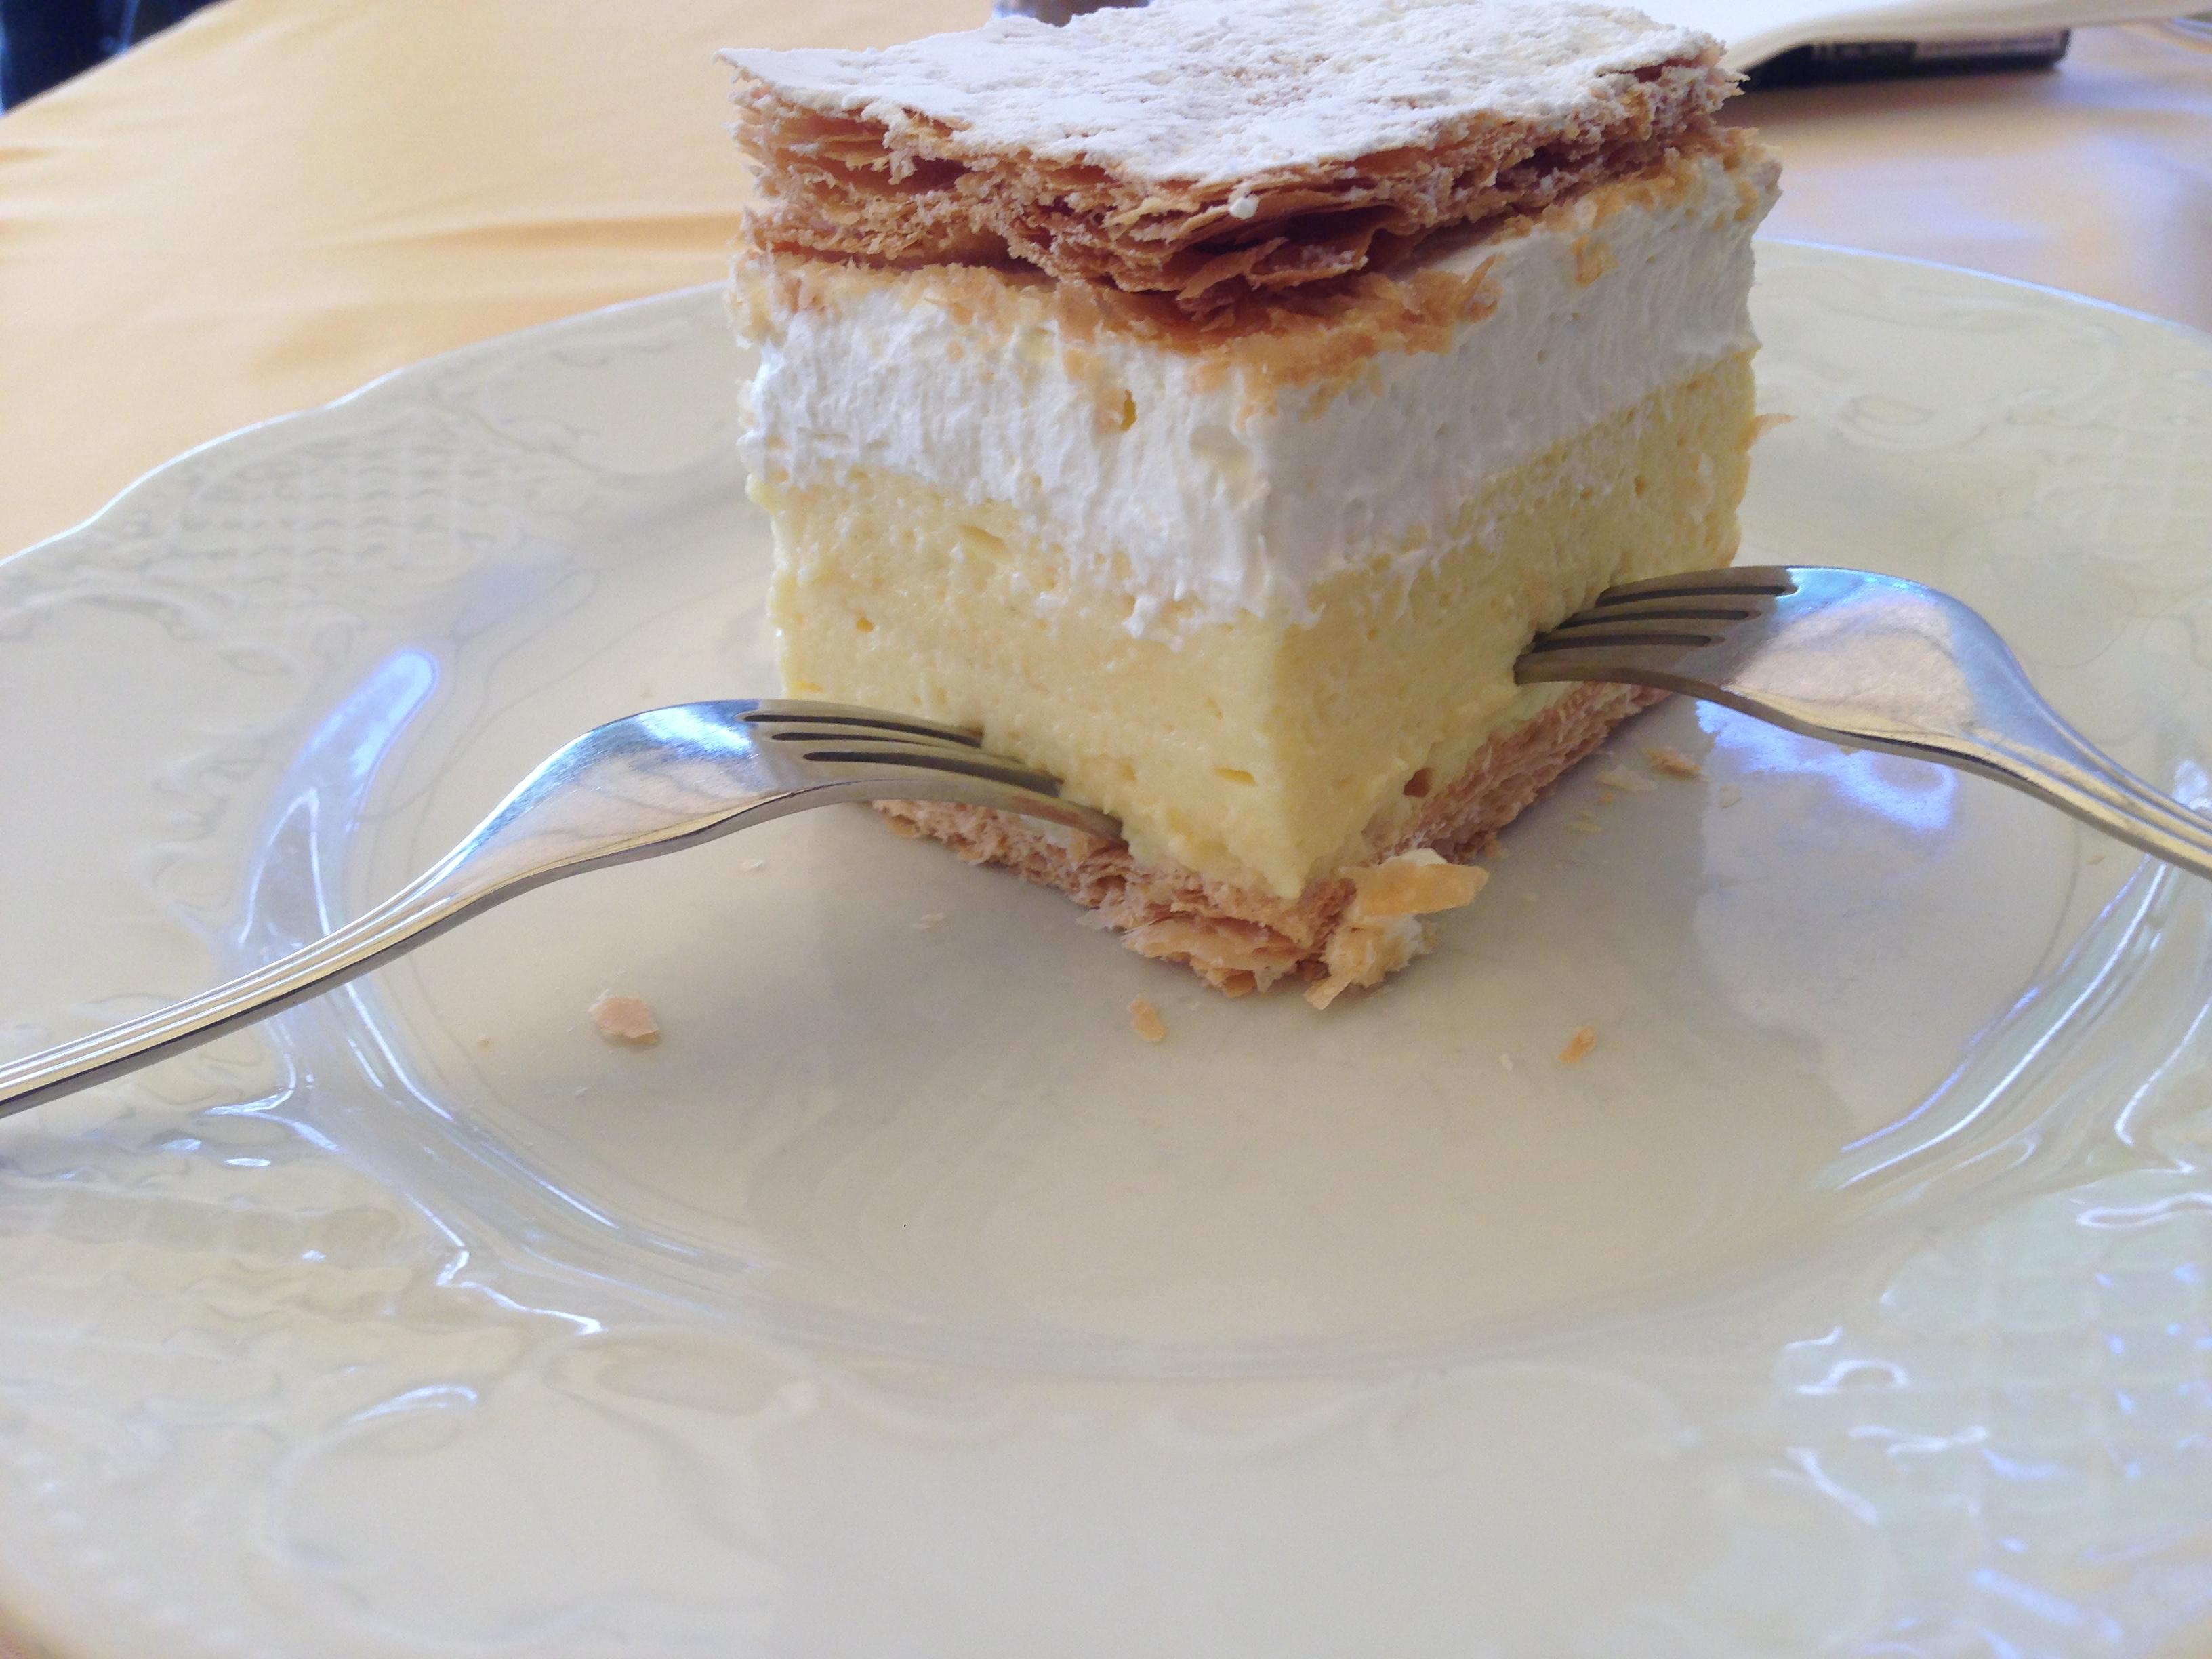 Bled typical desert cake